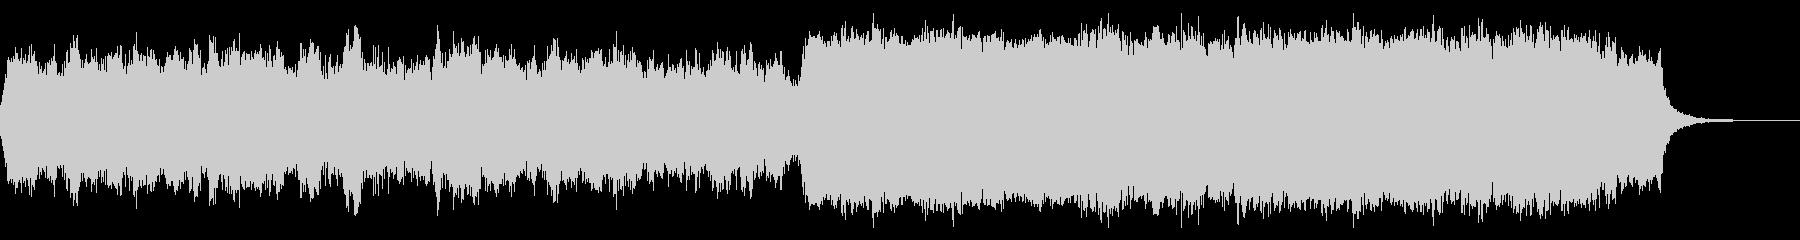 SAKURA by Hollywoodの未再生の波形